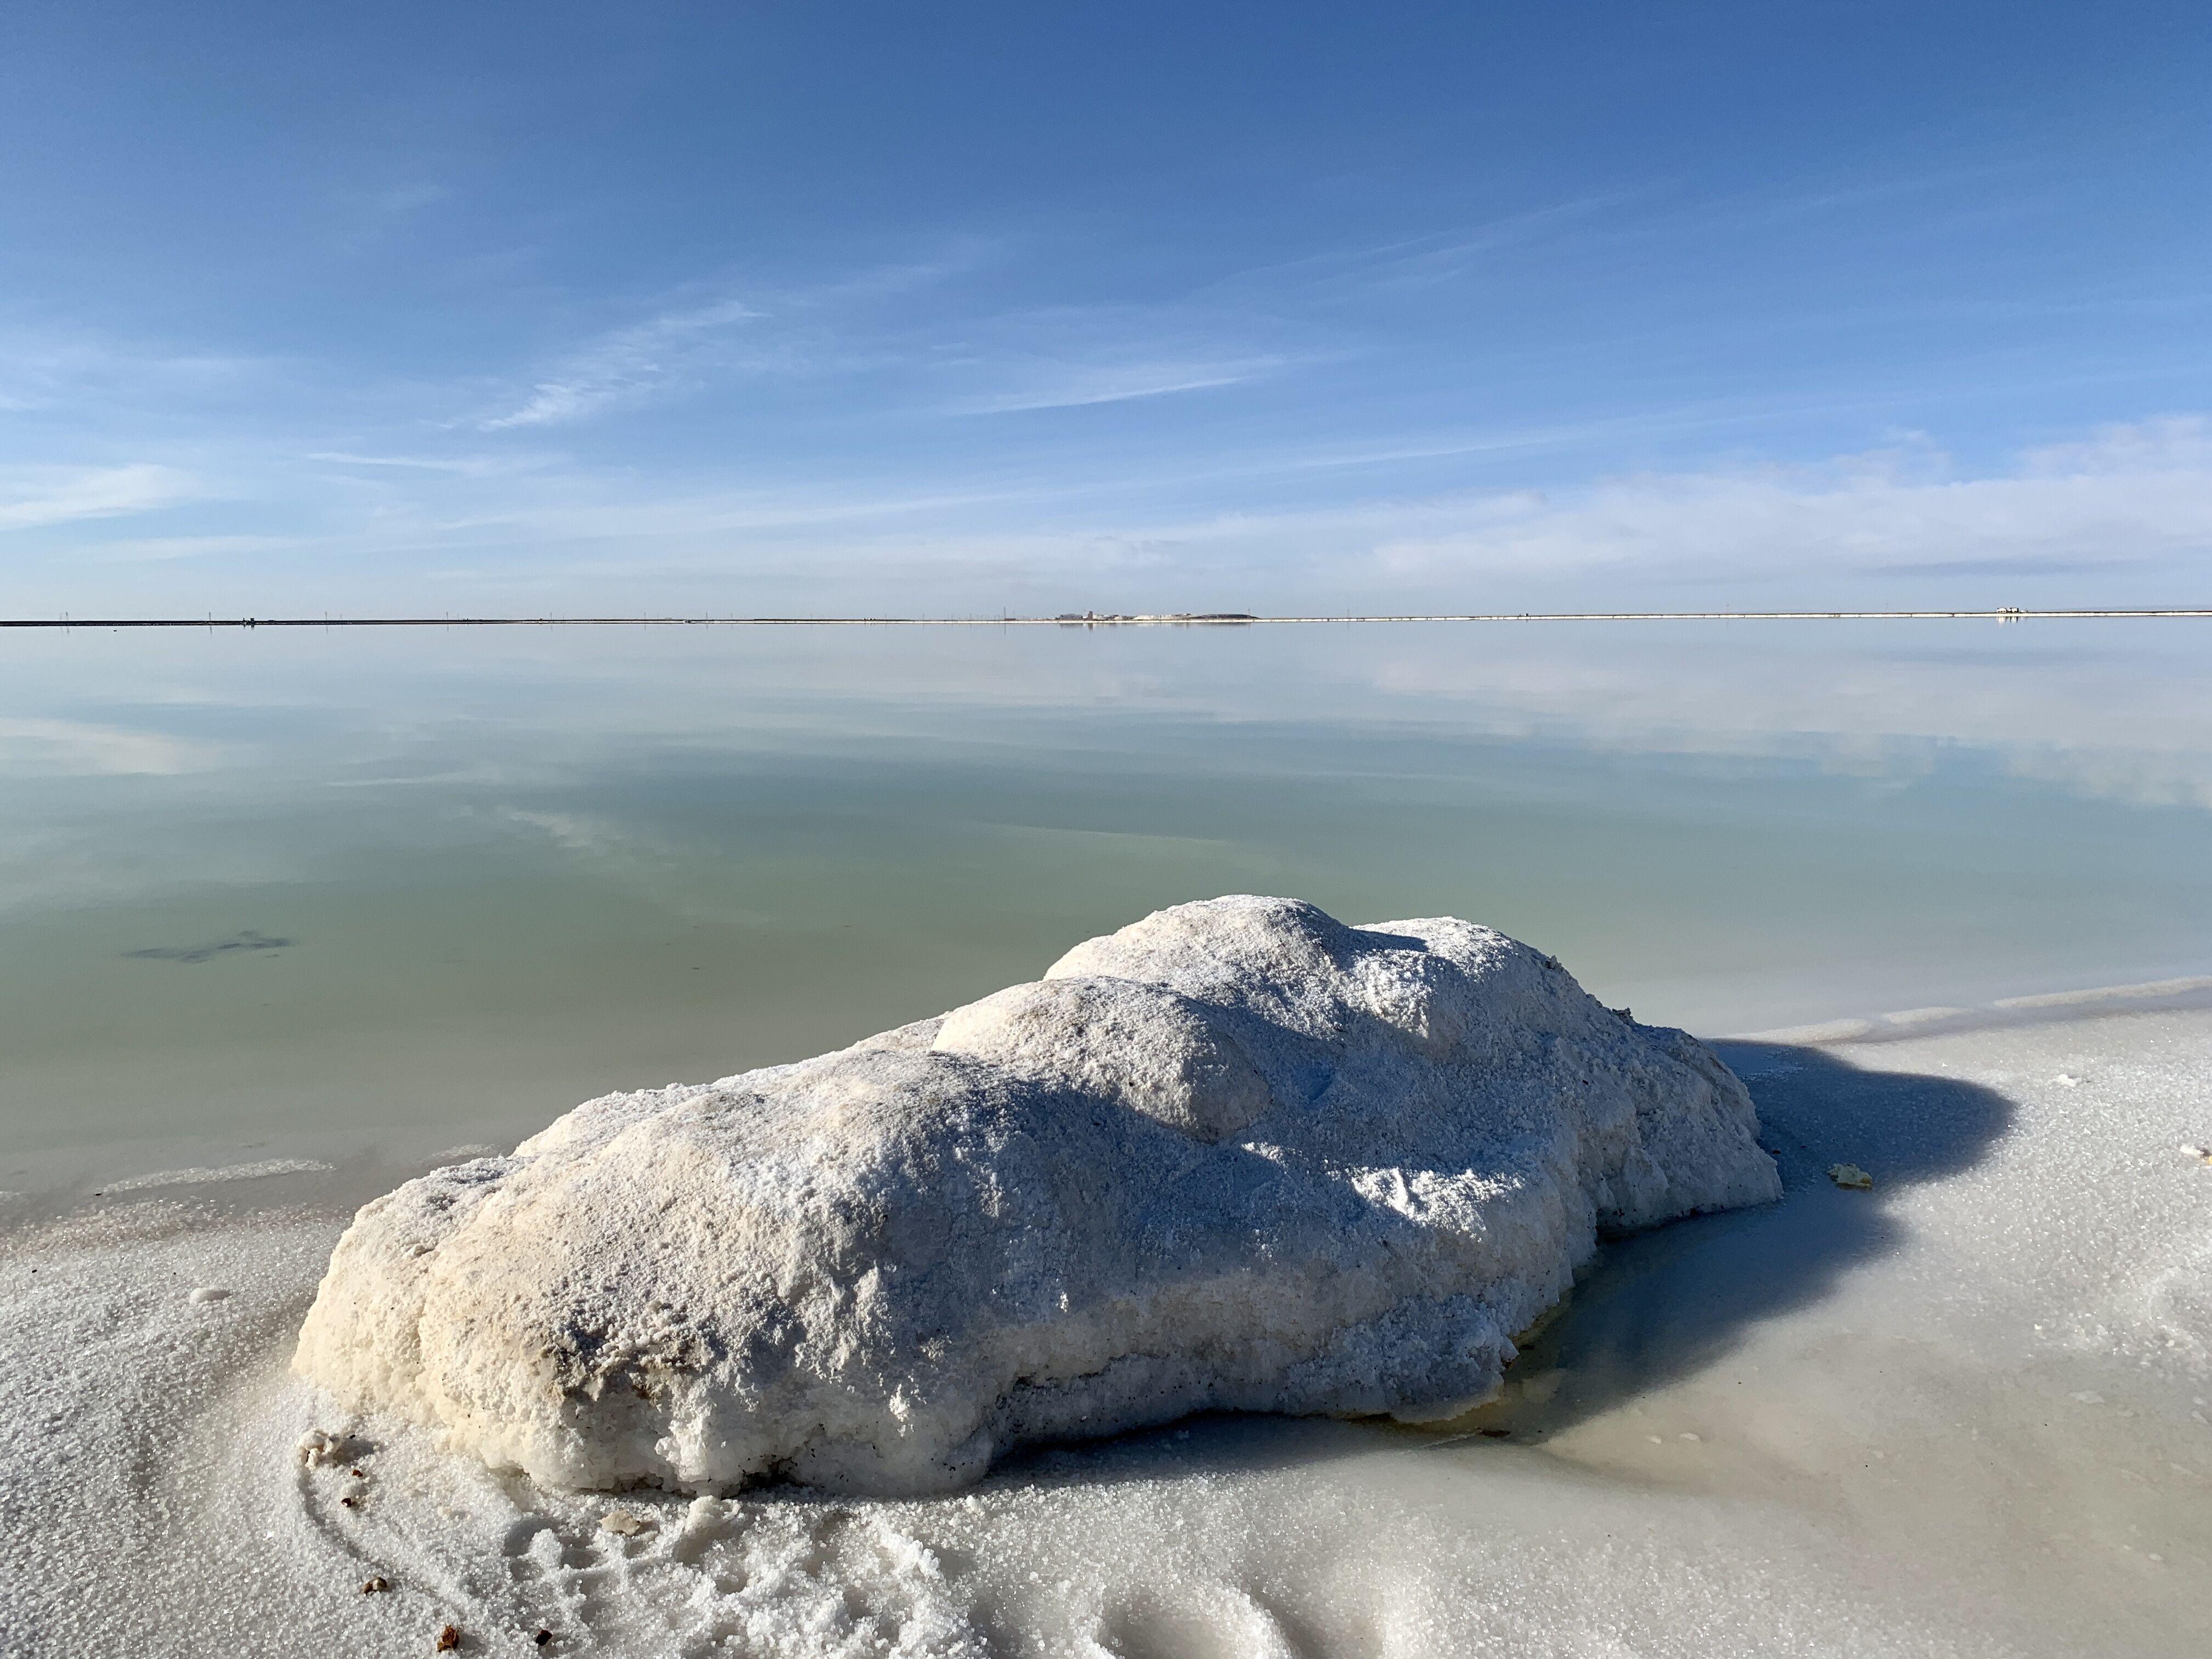 *ST盐湖召开首次债权人会议通过财产管理及变价方案